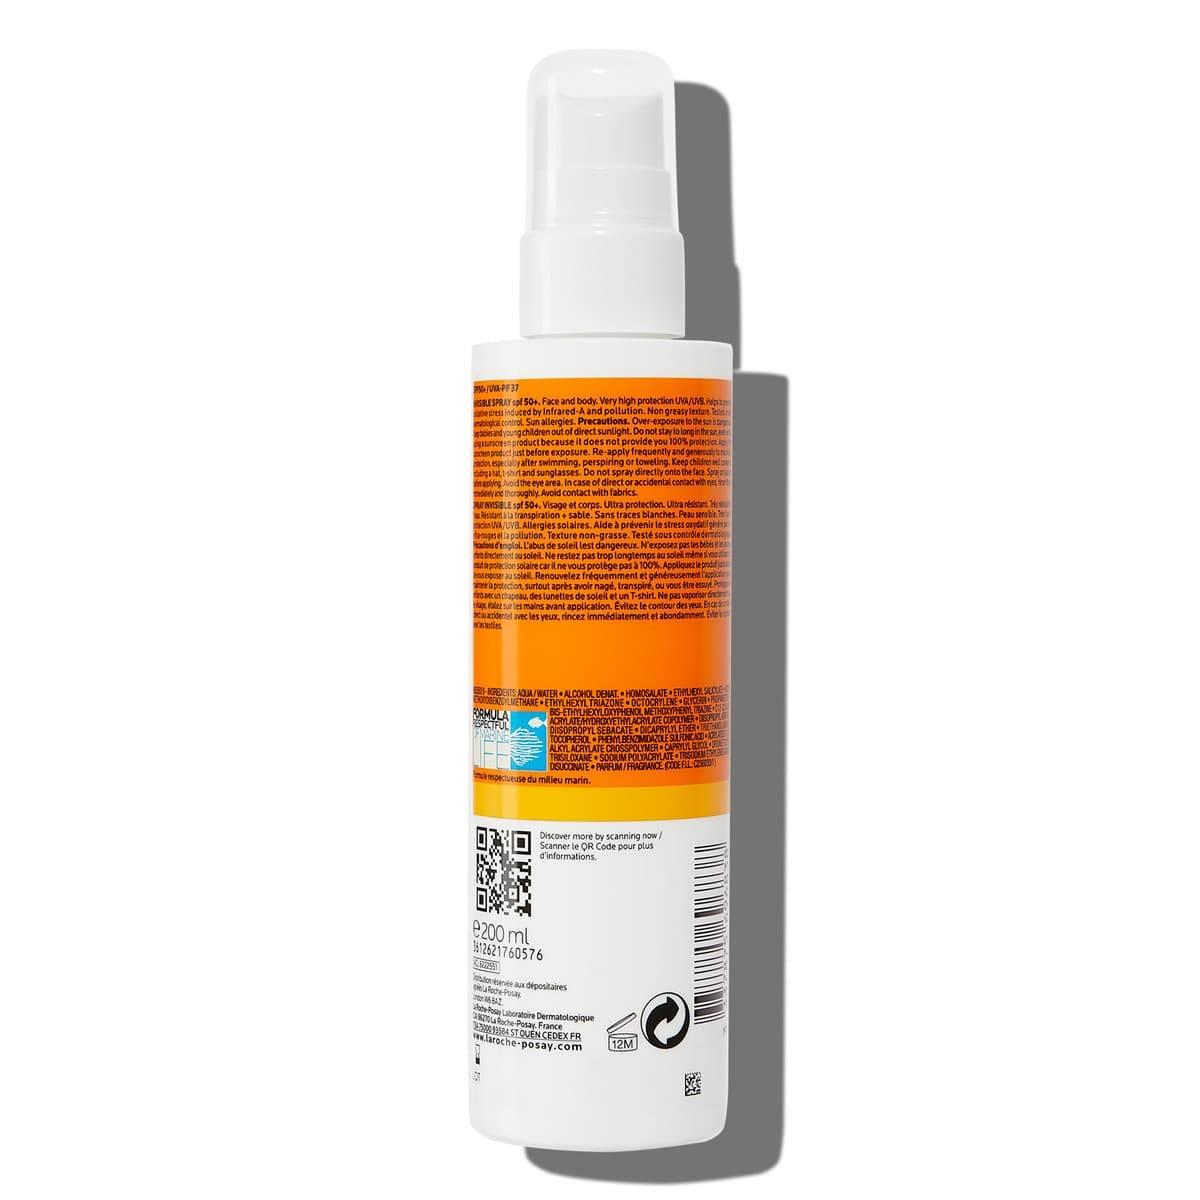 ANTHELIOS NIEWIDOCZNY SPRAY Spf 50 200 ml BSS | La Roche Posay